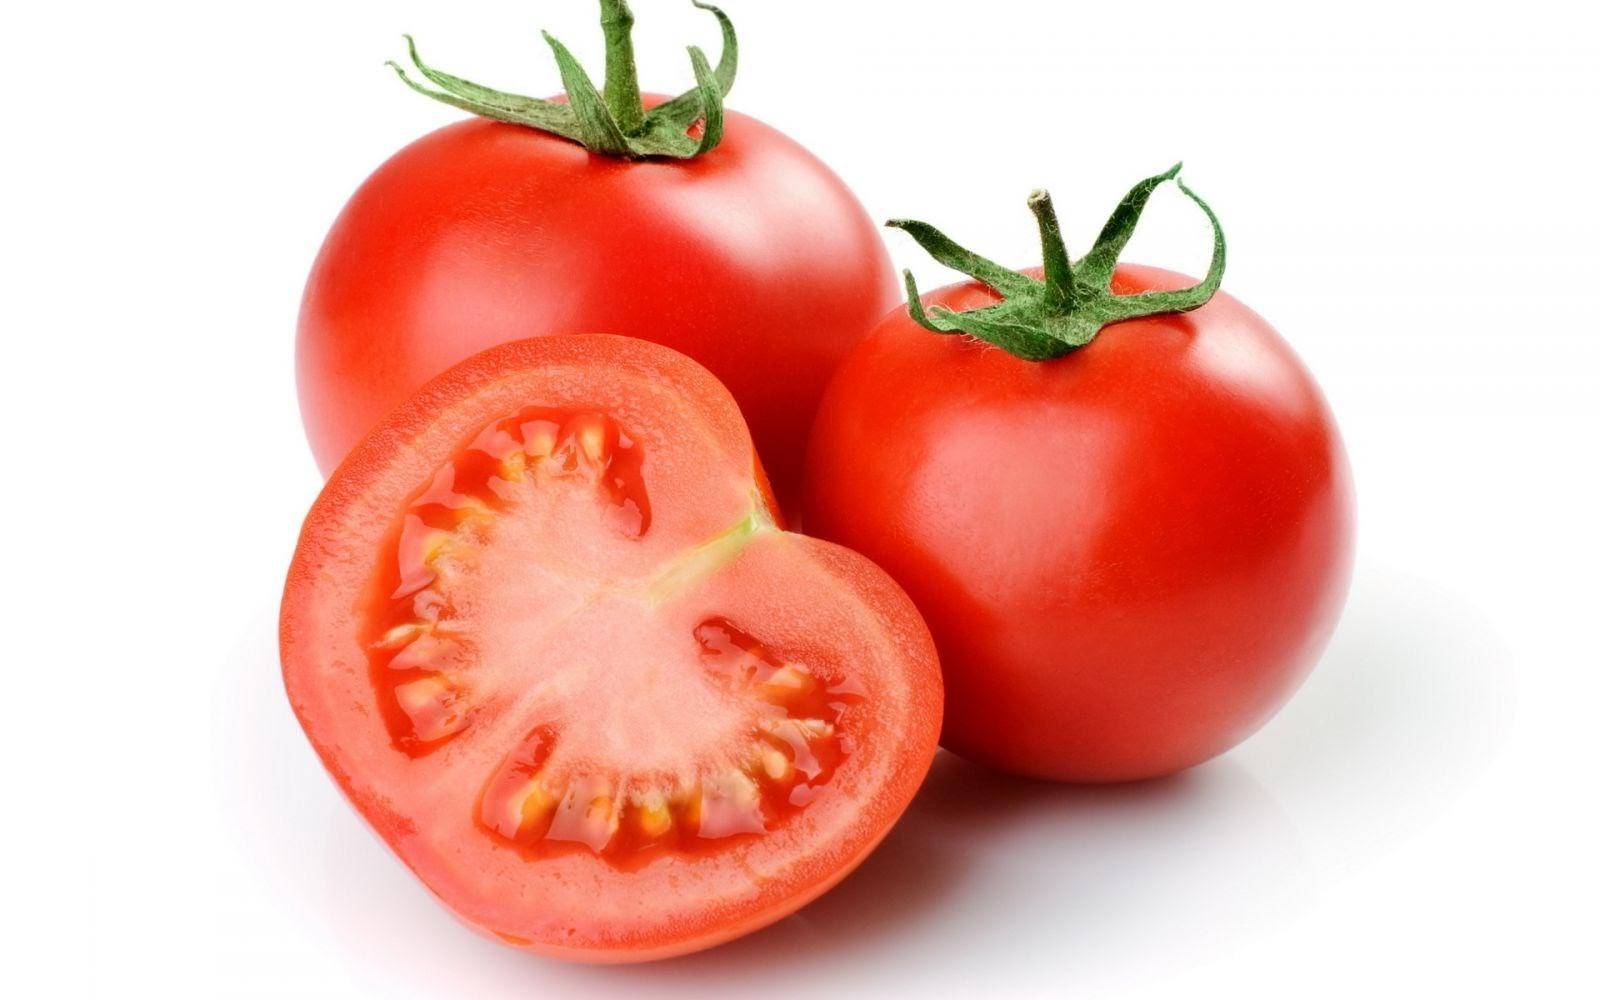 cà chua bao nhiêu calo